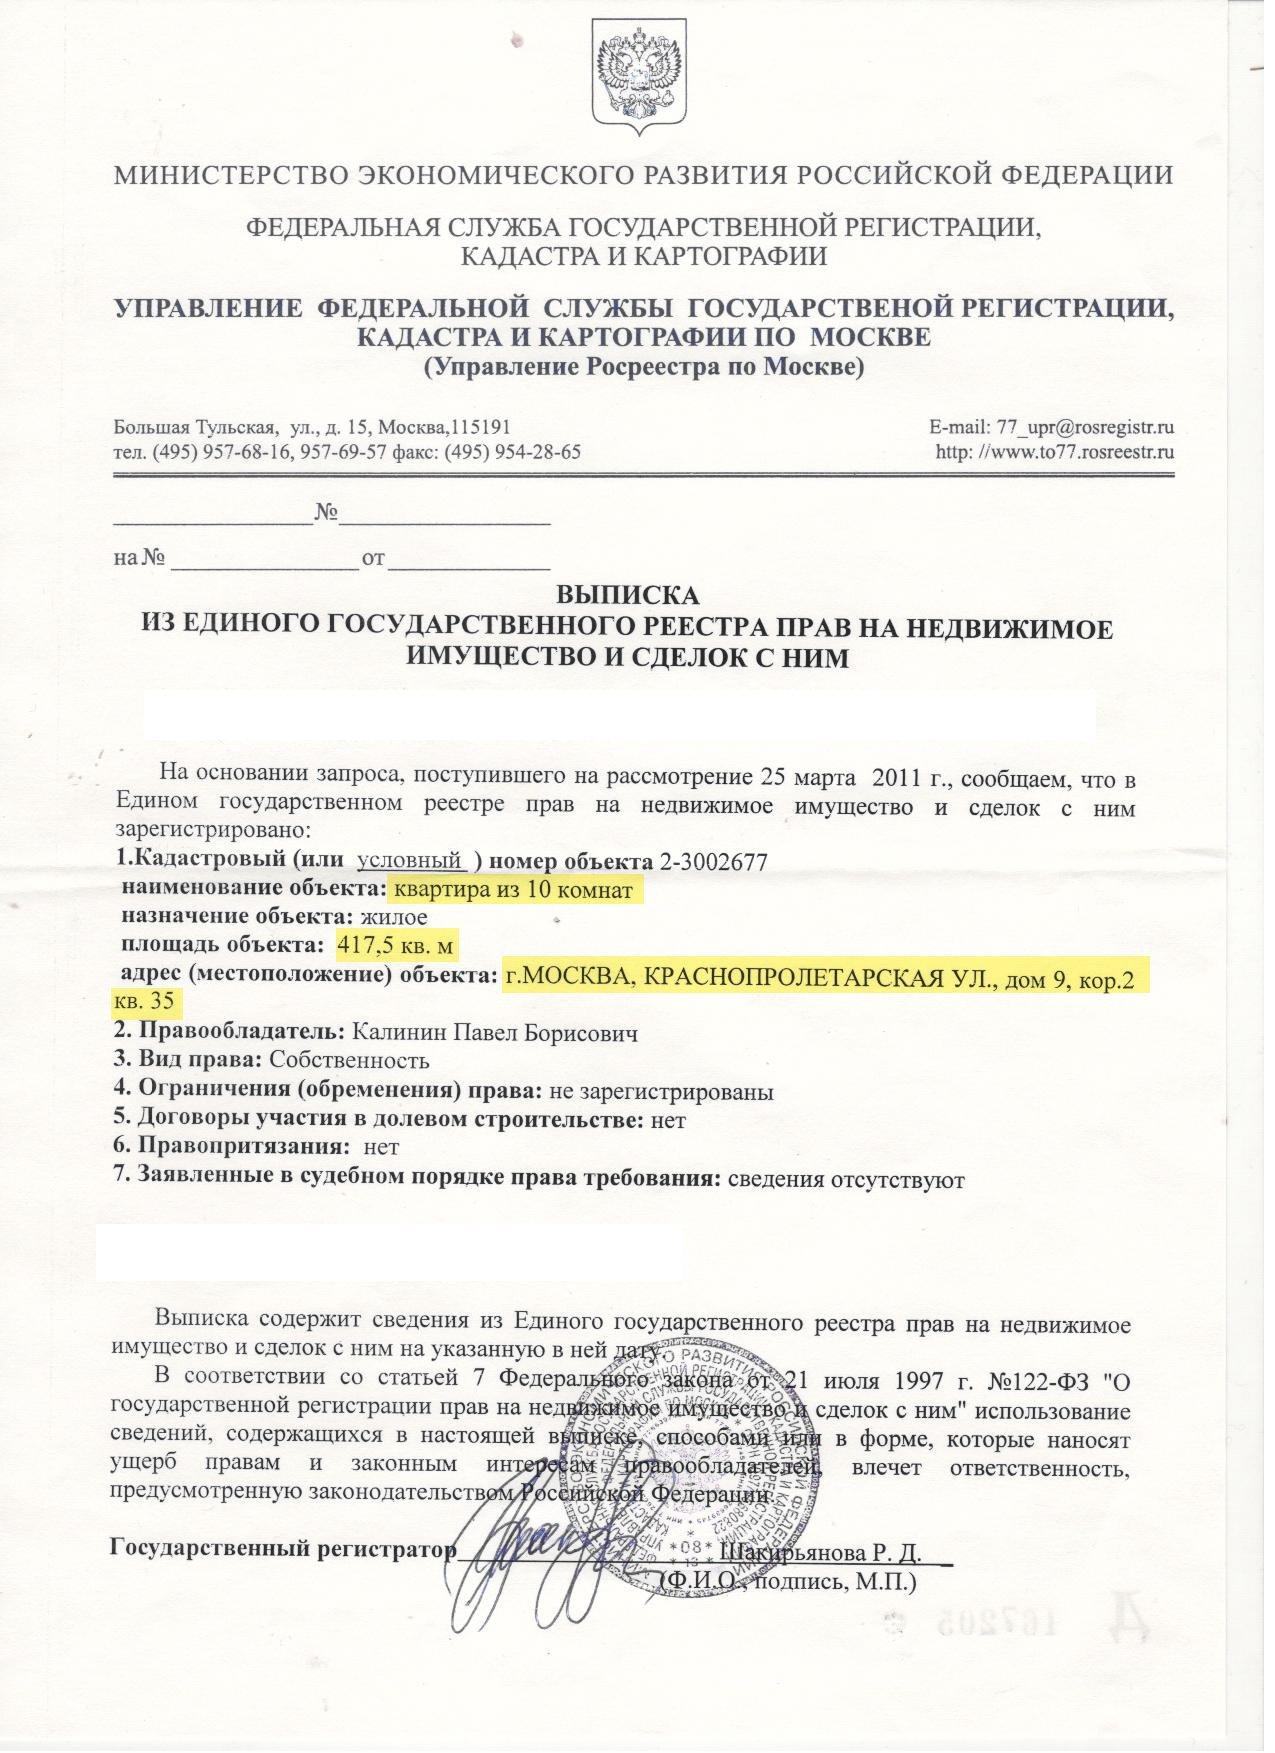 Выписка из Единого государственного реестра прав на недвижимое имущество и сделок с ним фото